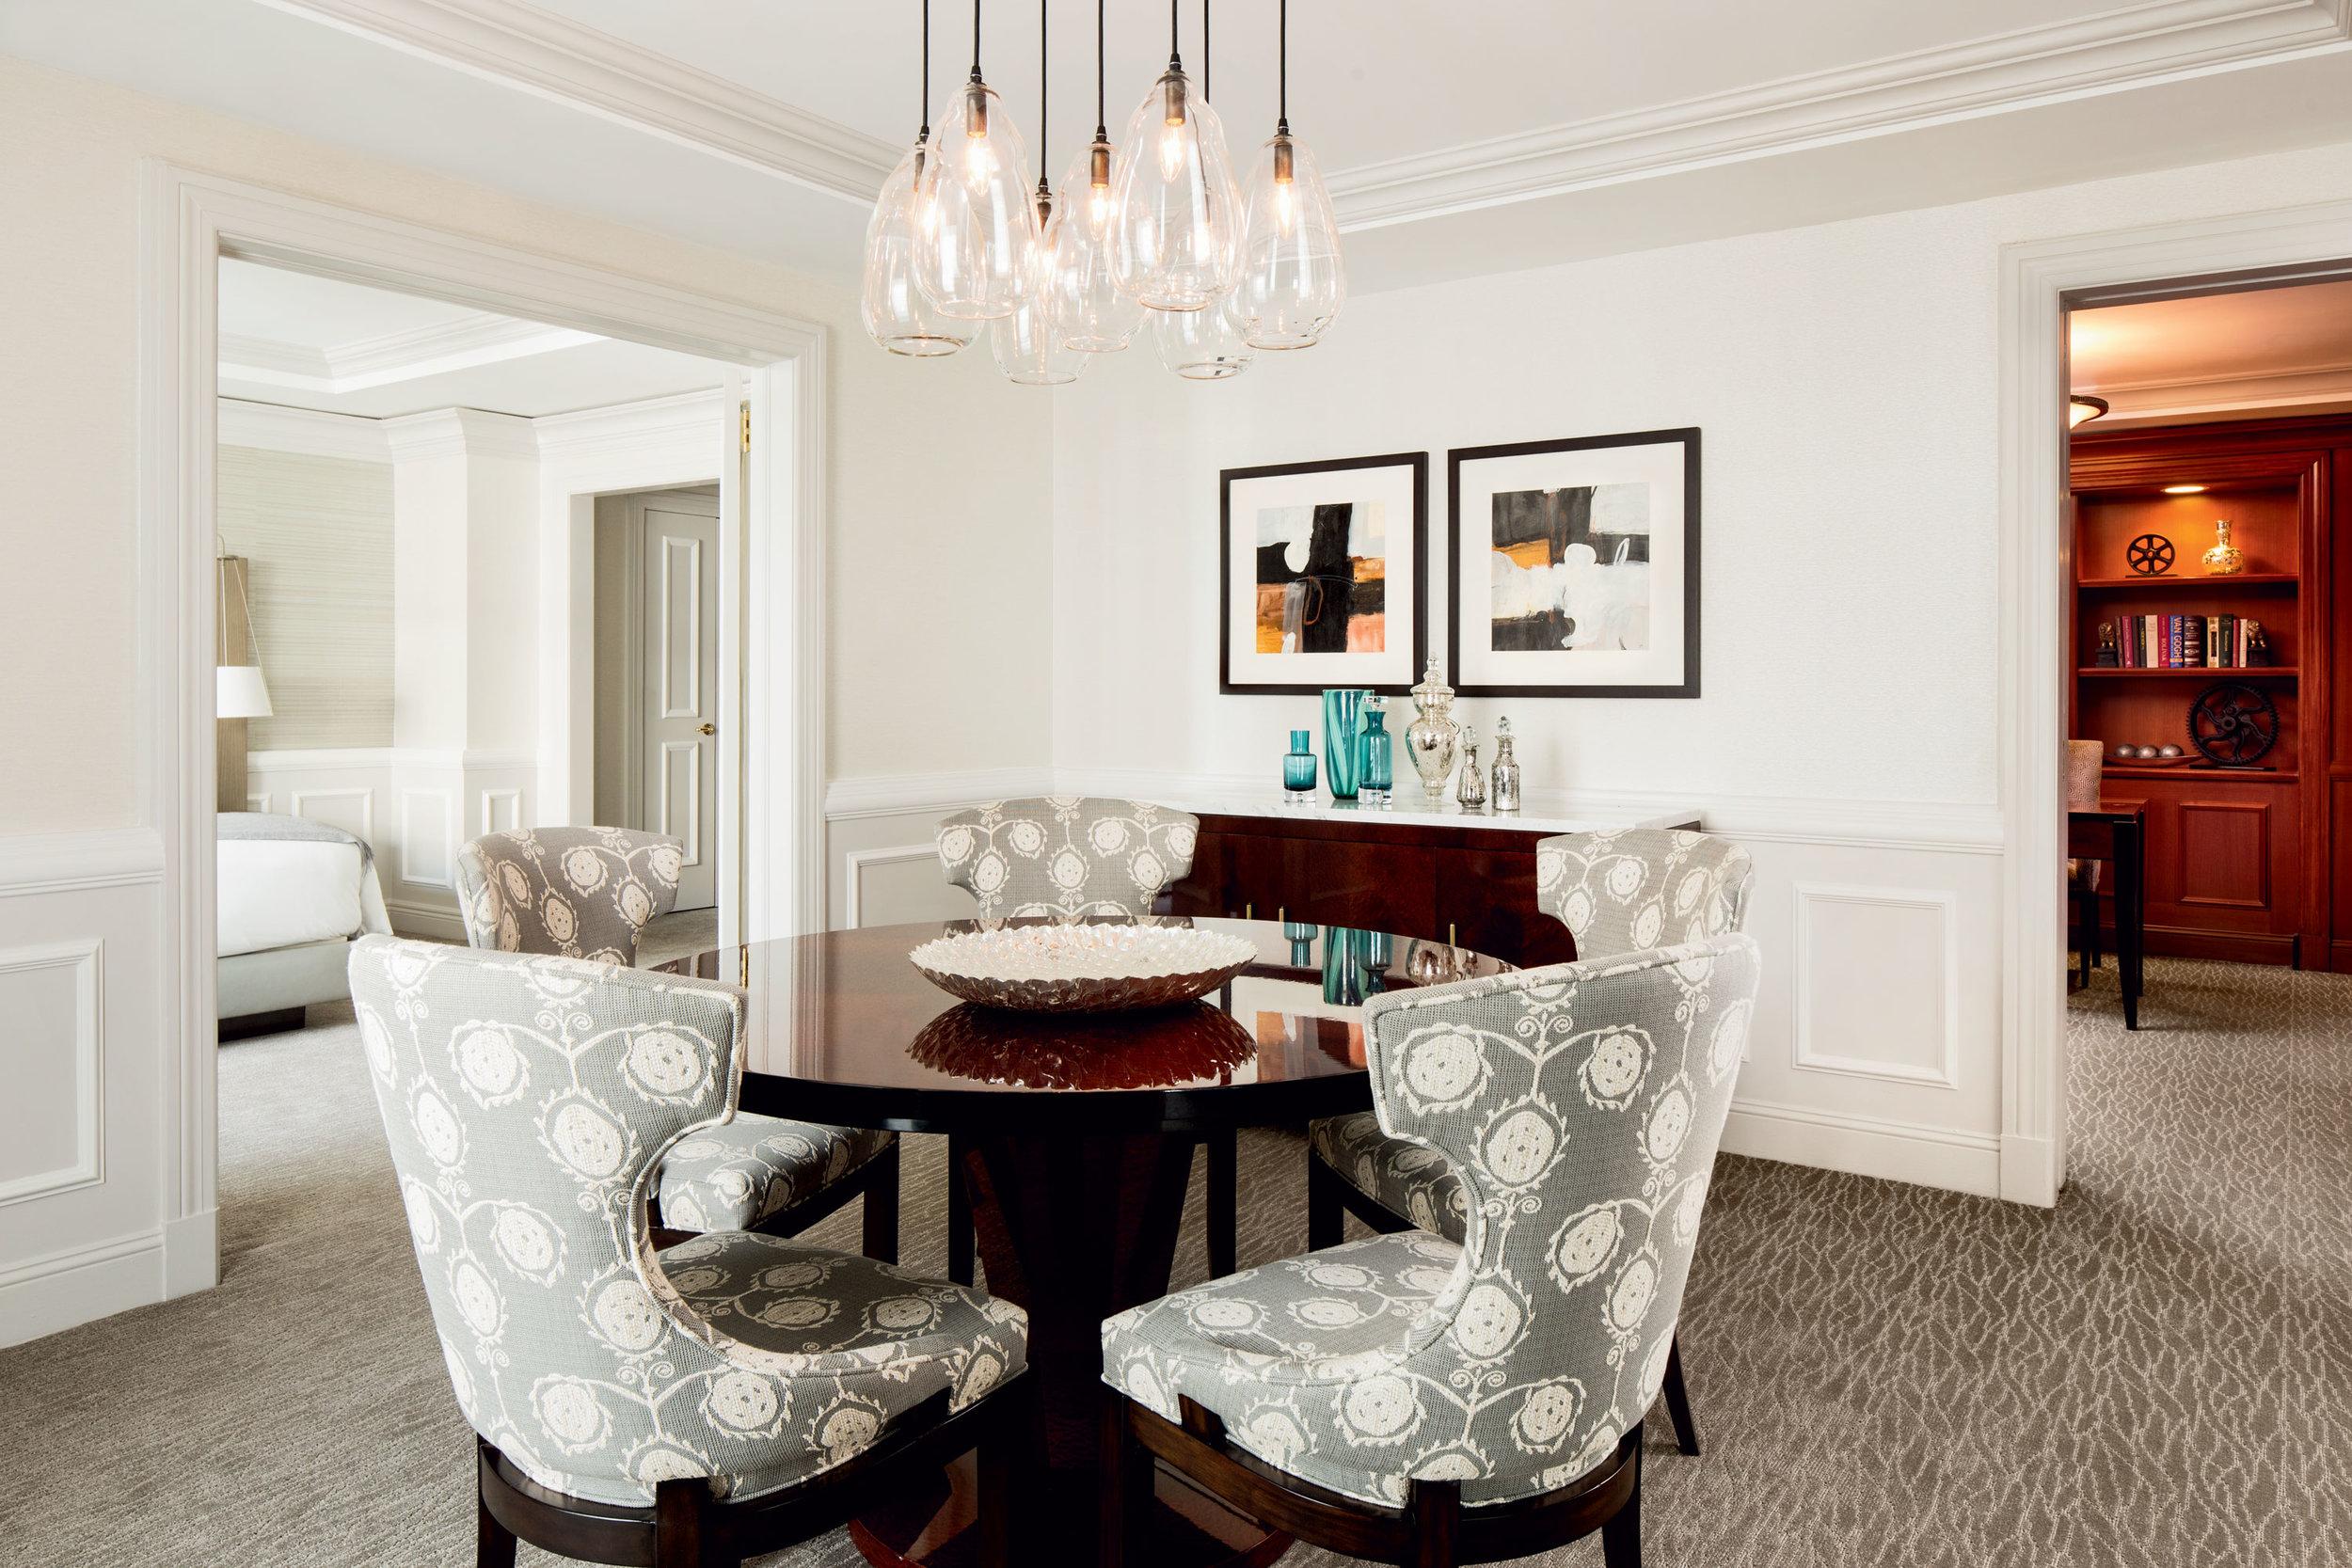 The-Ritz-Carlton-Washginton-DC,-Dining-Room-(1).jpg